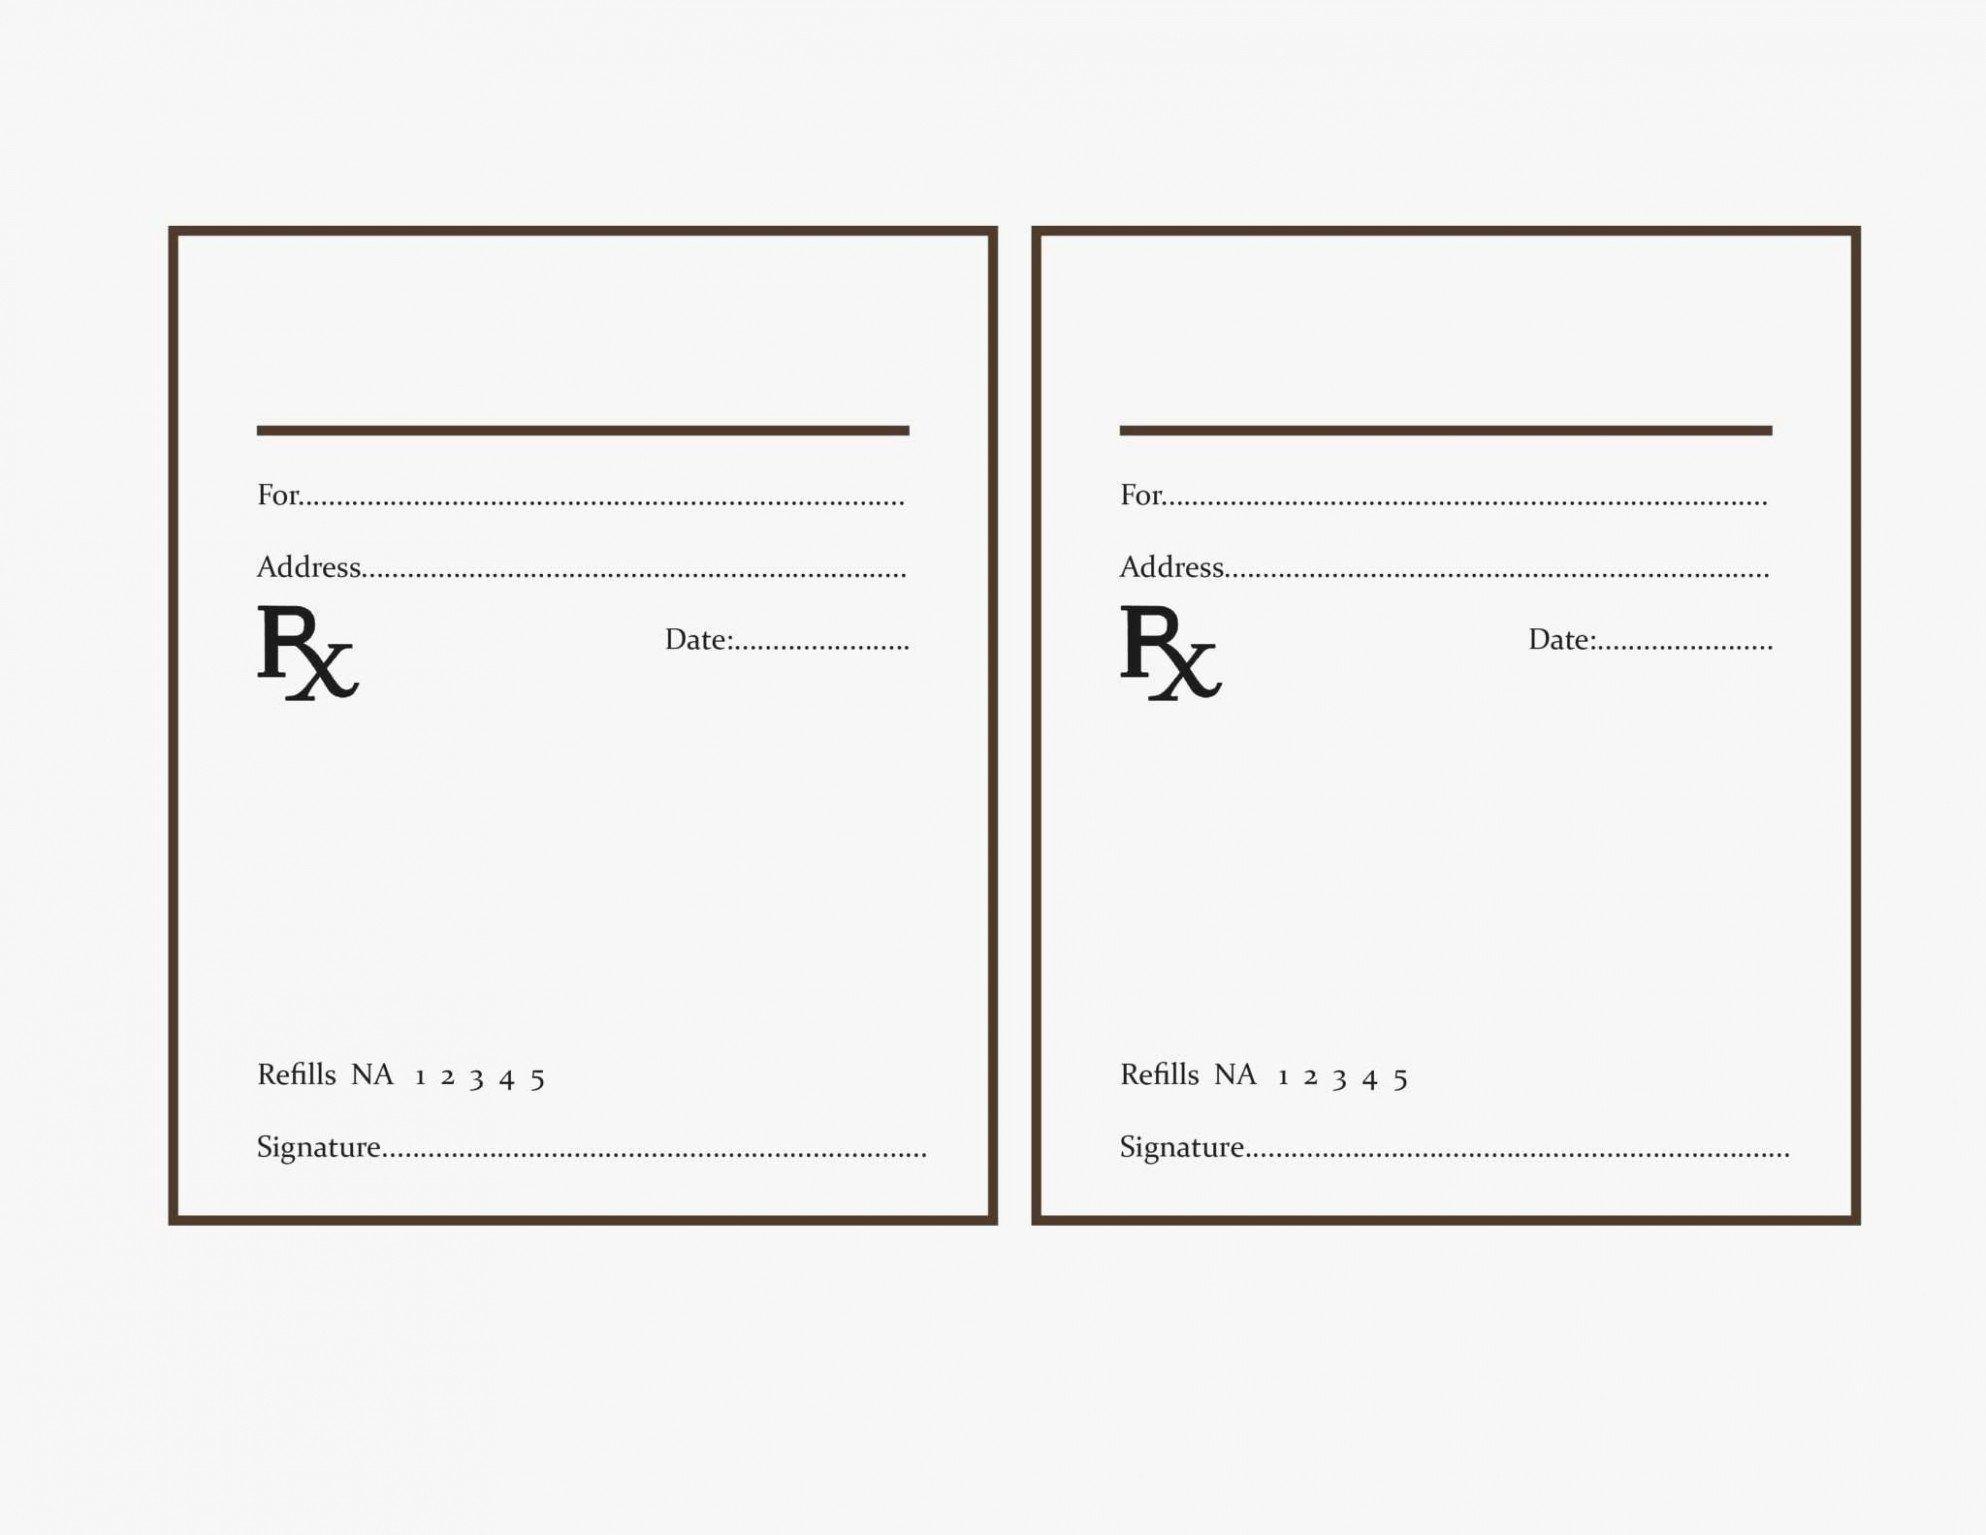 000 Shocking Fake Prescription Bottle Label Template Sample Full